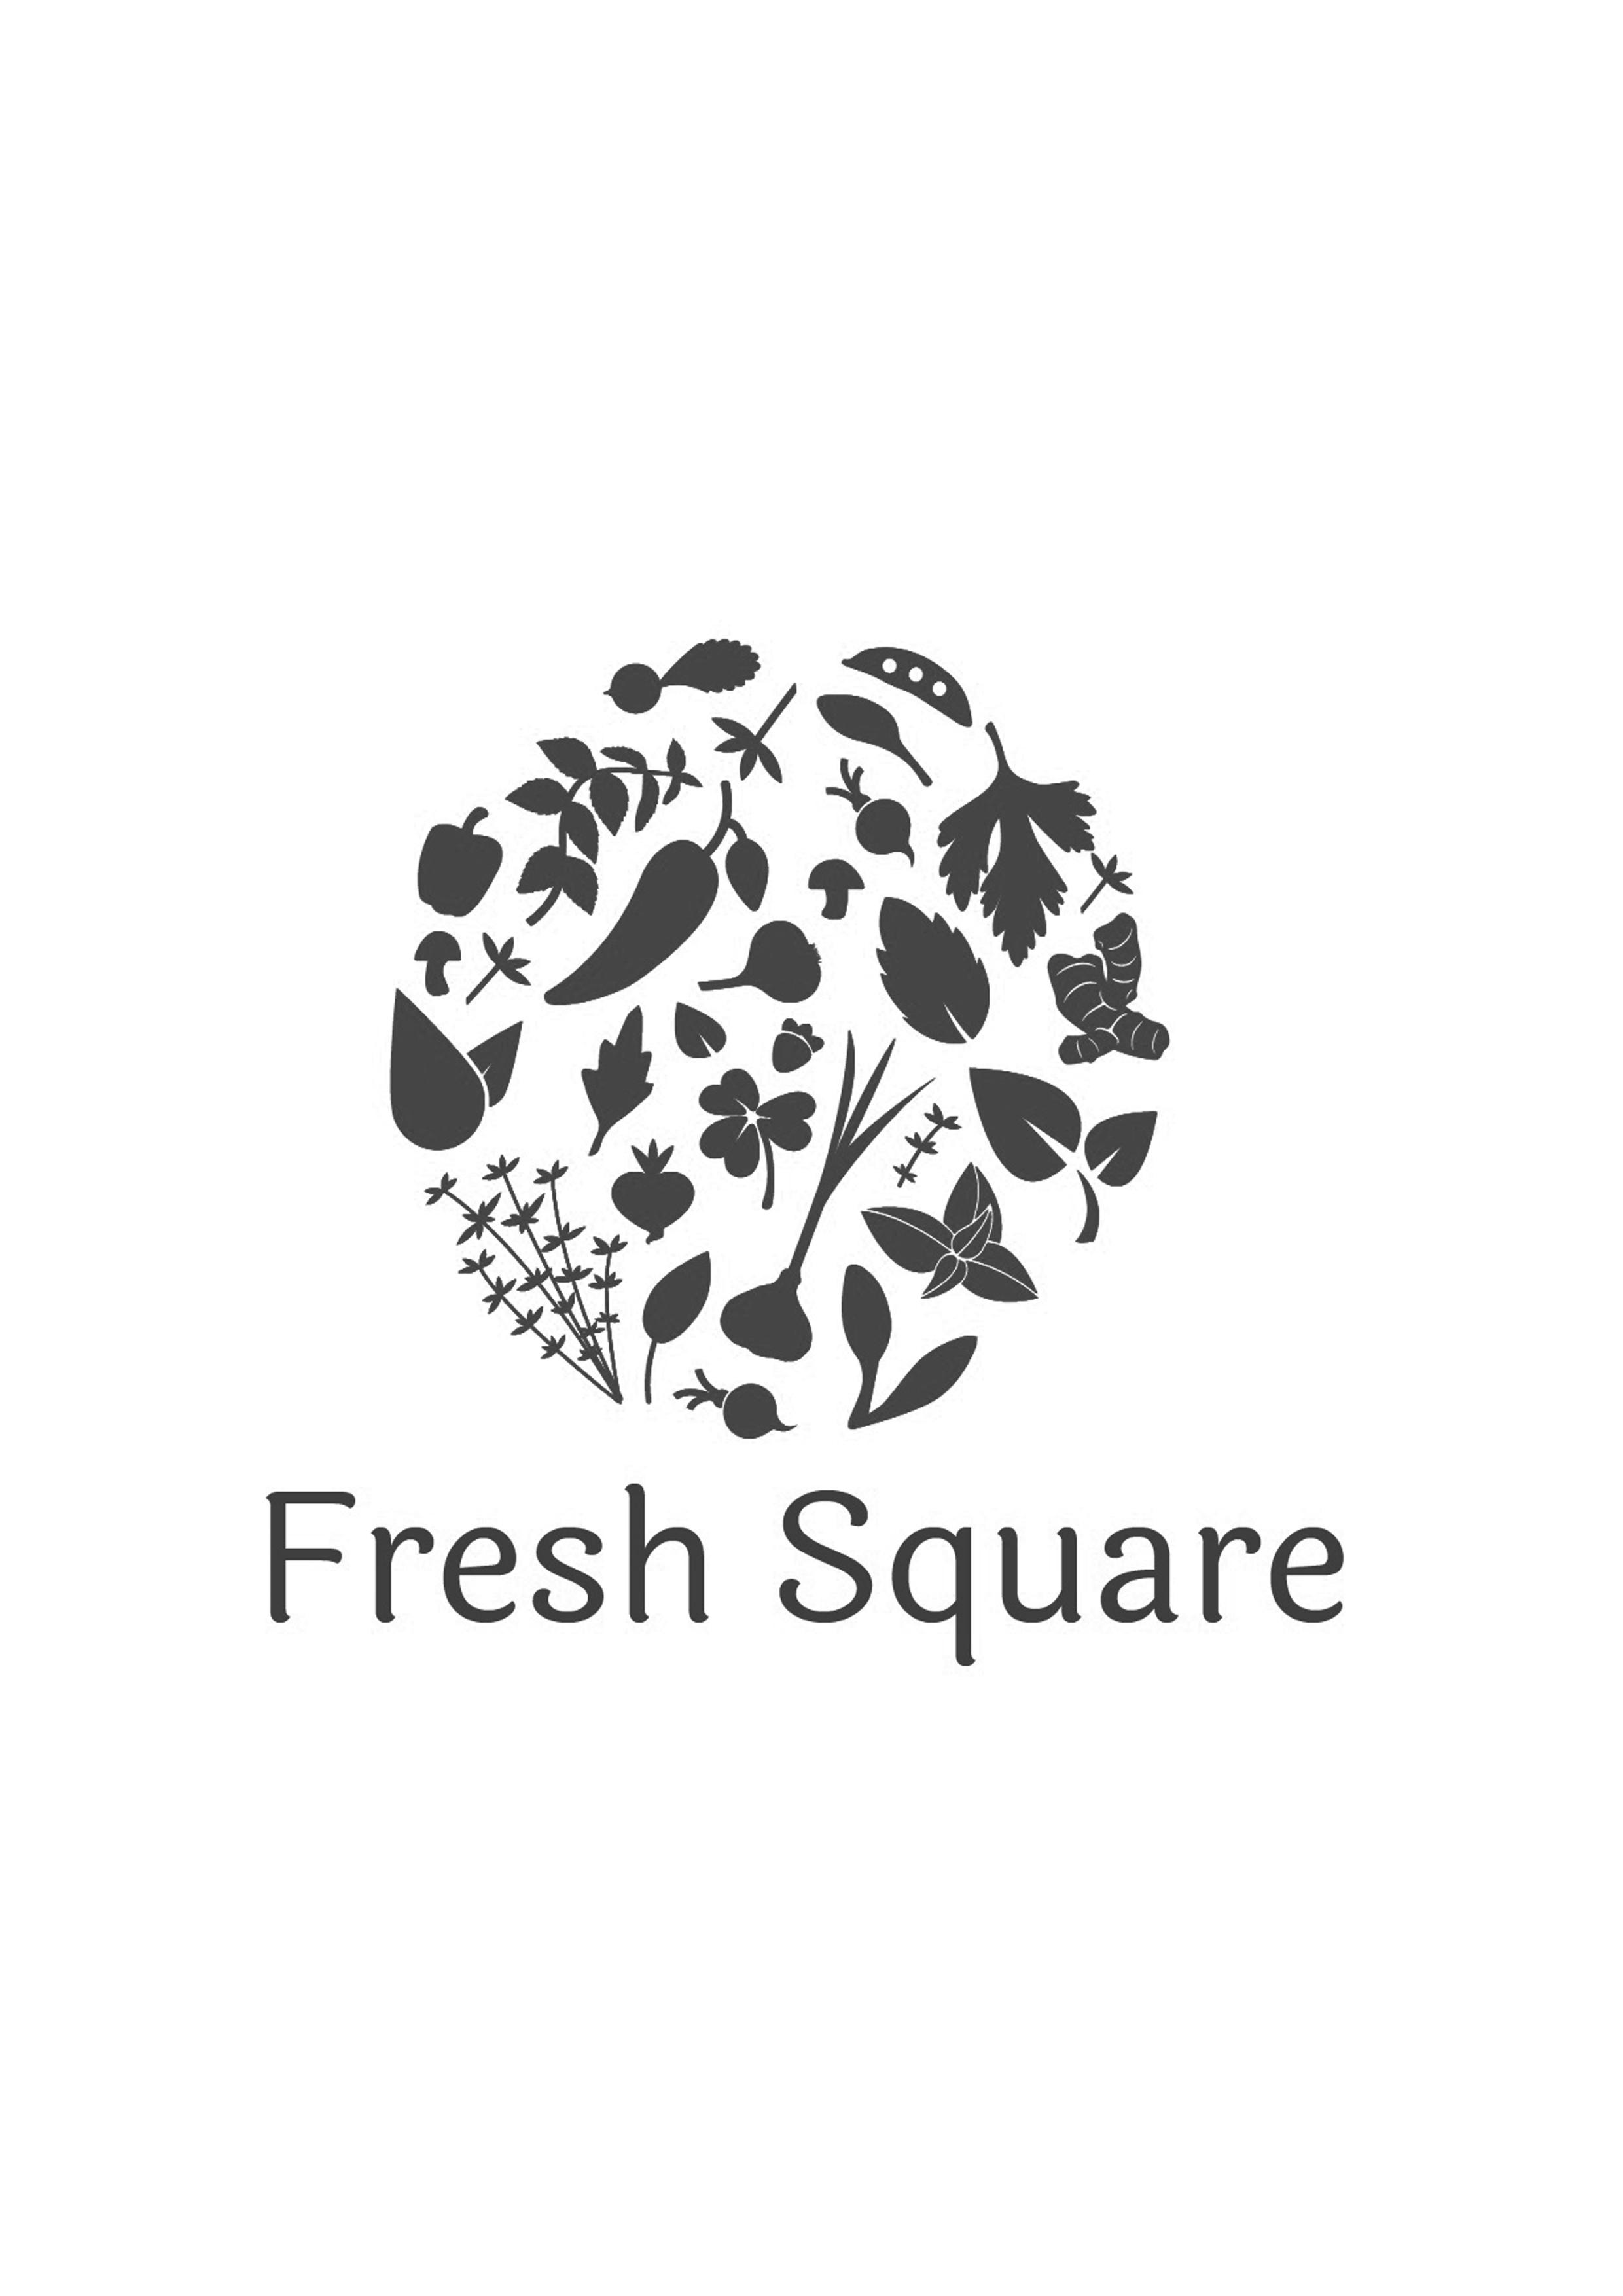 FreshSquare.jpg